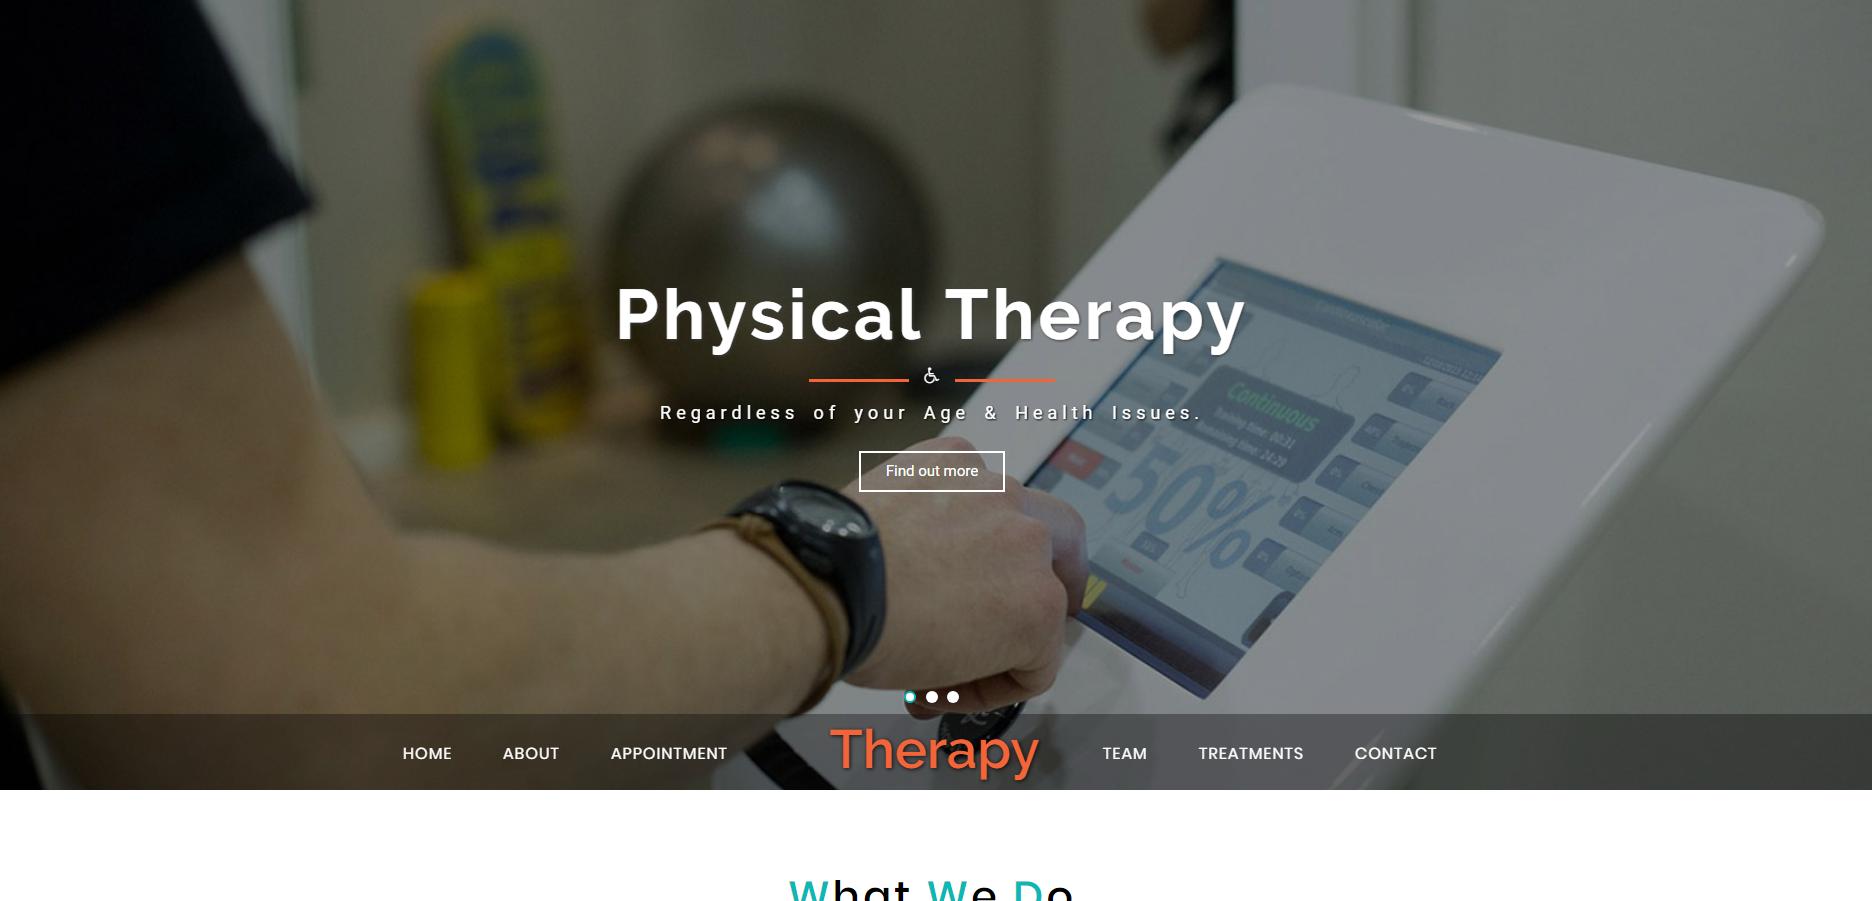 治疗药物监测网站模板